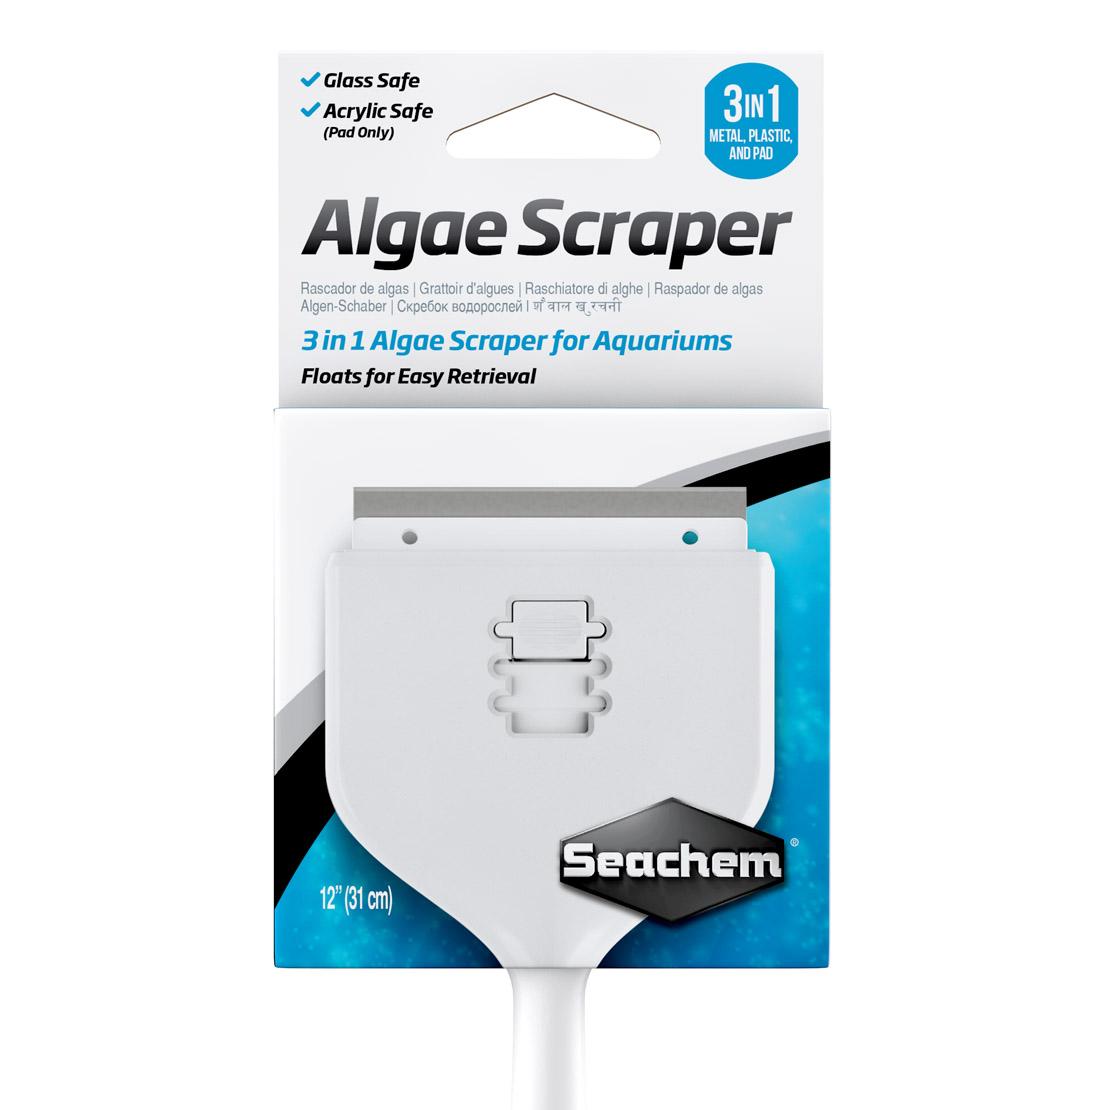 Seachem raspador de algas Algae Scraper 3 em 1  31cm  - FISHPET Comércio de Acessórios para Animais Ltda.